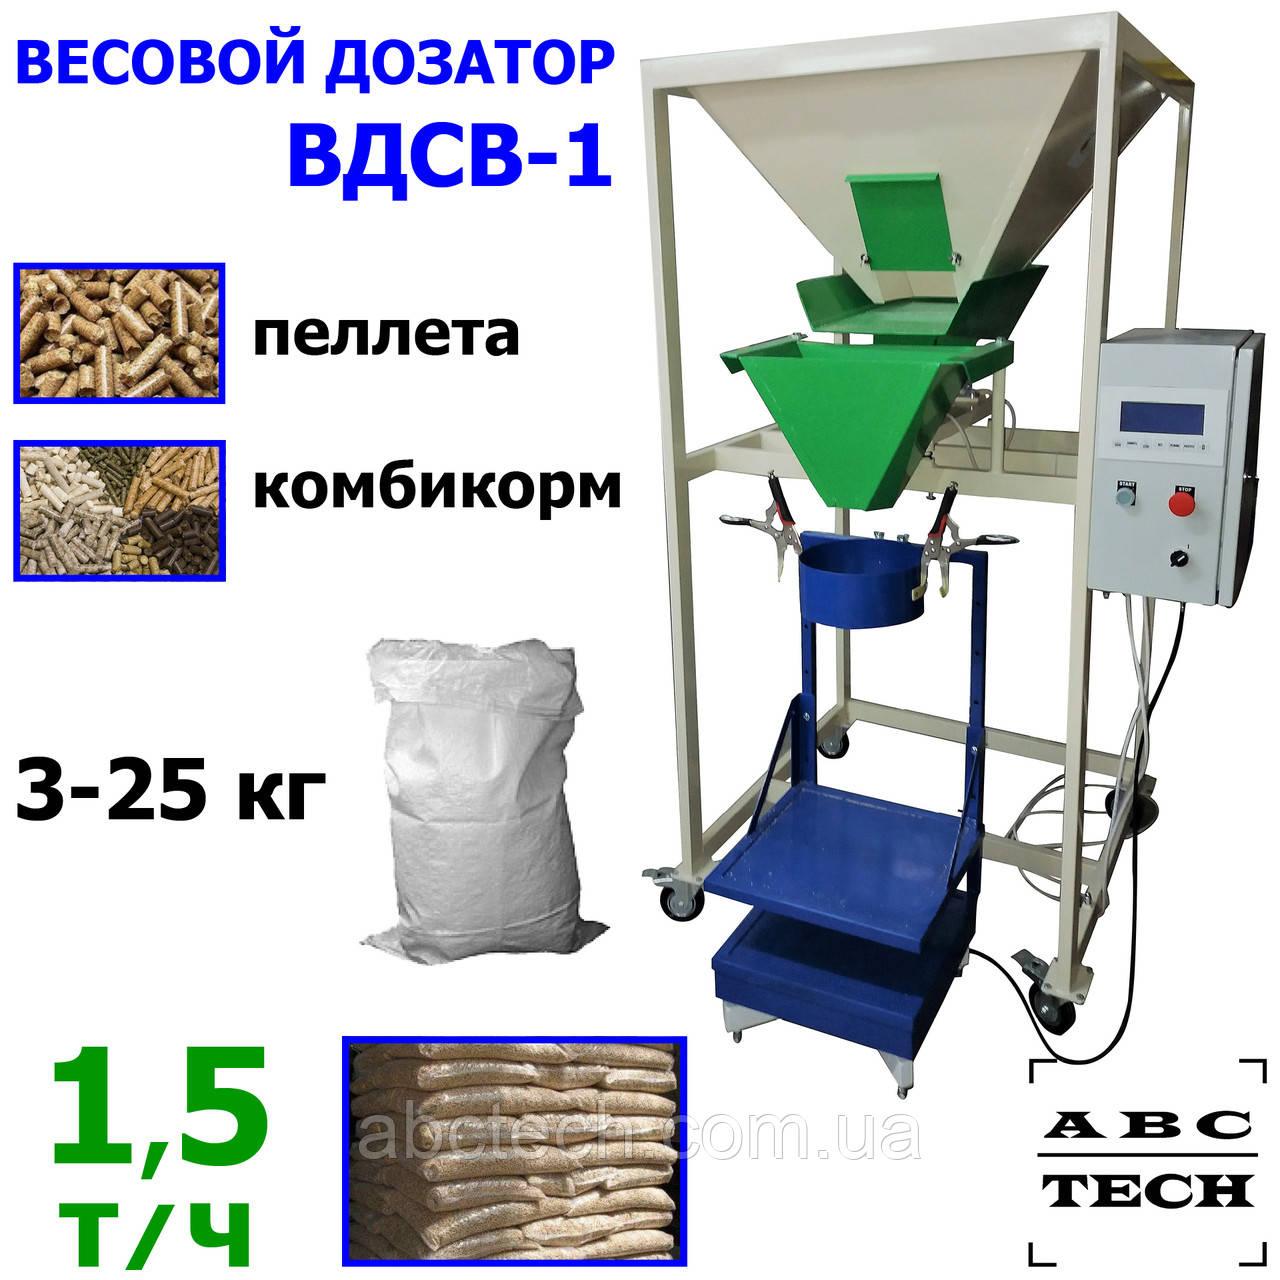 Дозатор весовой для пеллеты комбикорма 1-30кг полуавтоматический фасовщик гранулы в пакет мешок ВДСВ-1